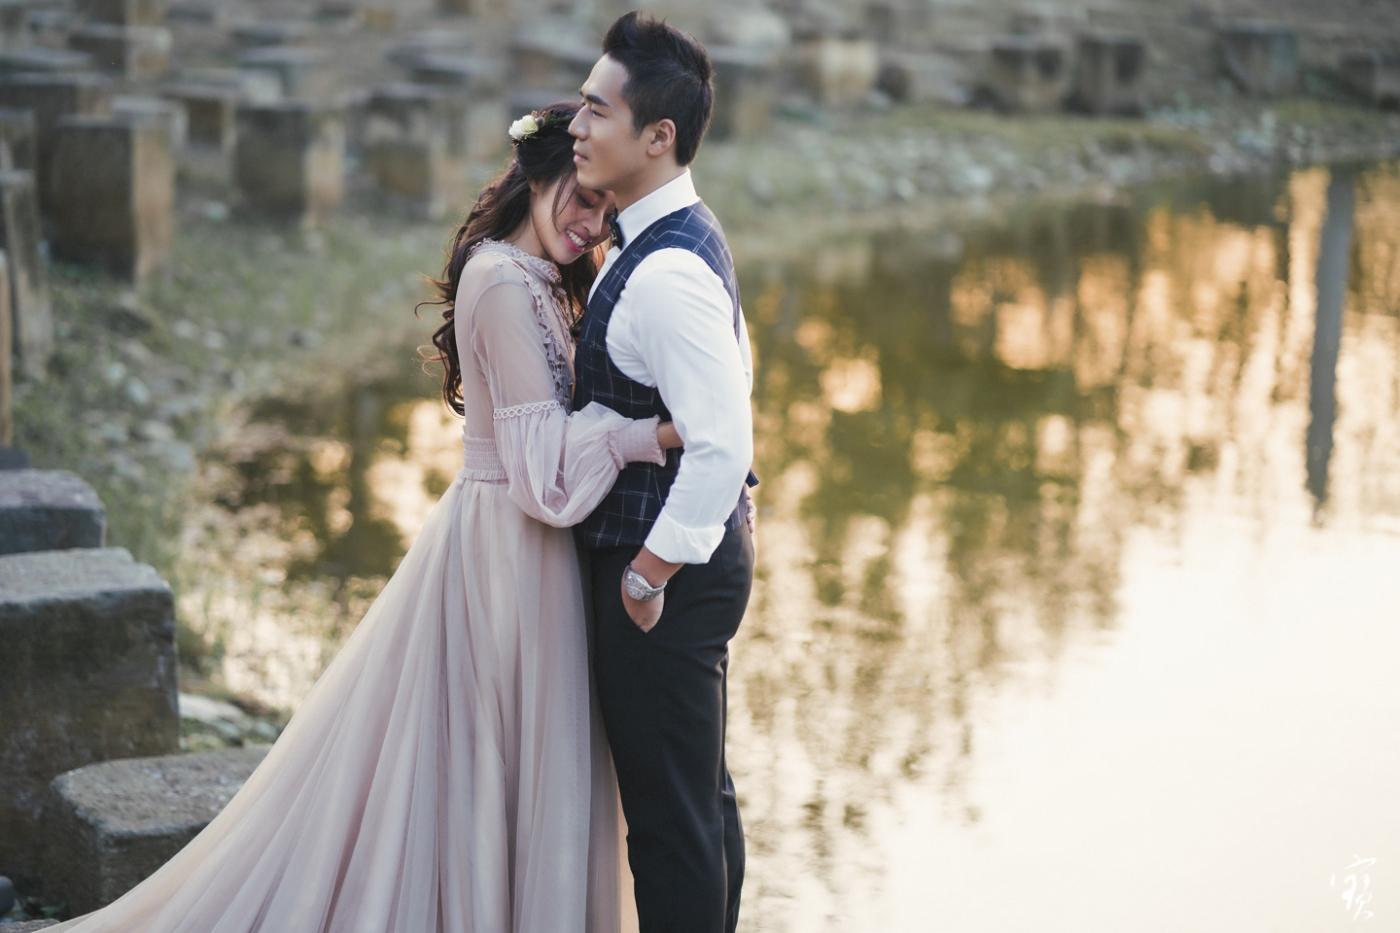 婚紗攝影 台中婚紗 台中都會公園 踏踏攝影棚 冬伴影像 攝影師大寶 北部攝影 新竹攝影 自主婚紗 自助婚紗_DB_4670